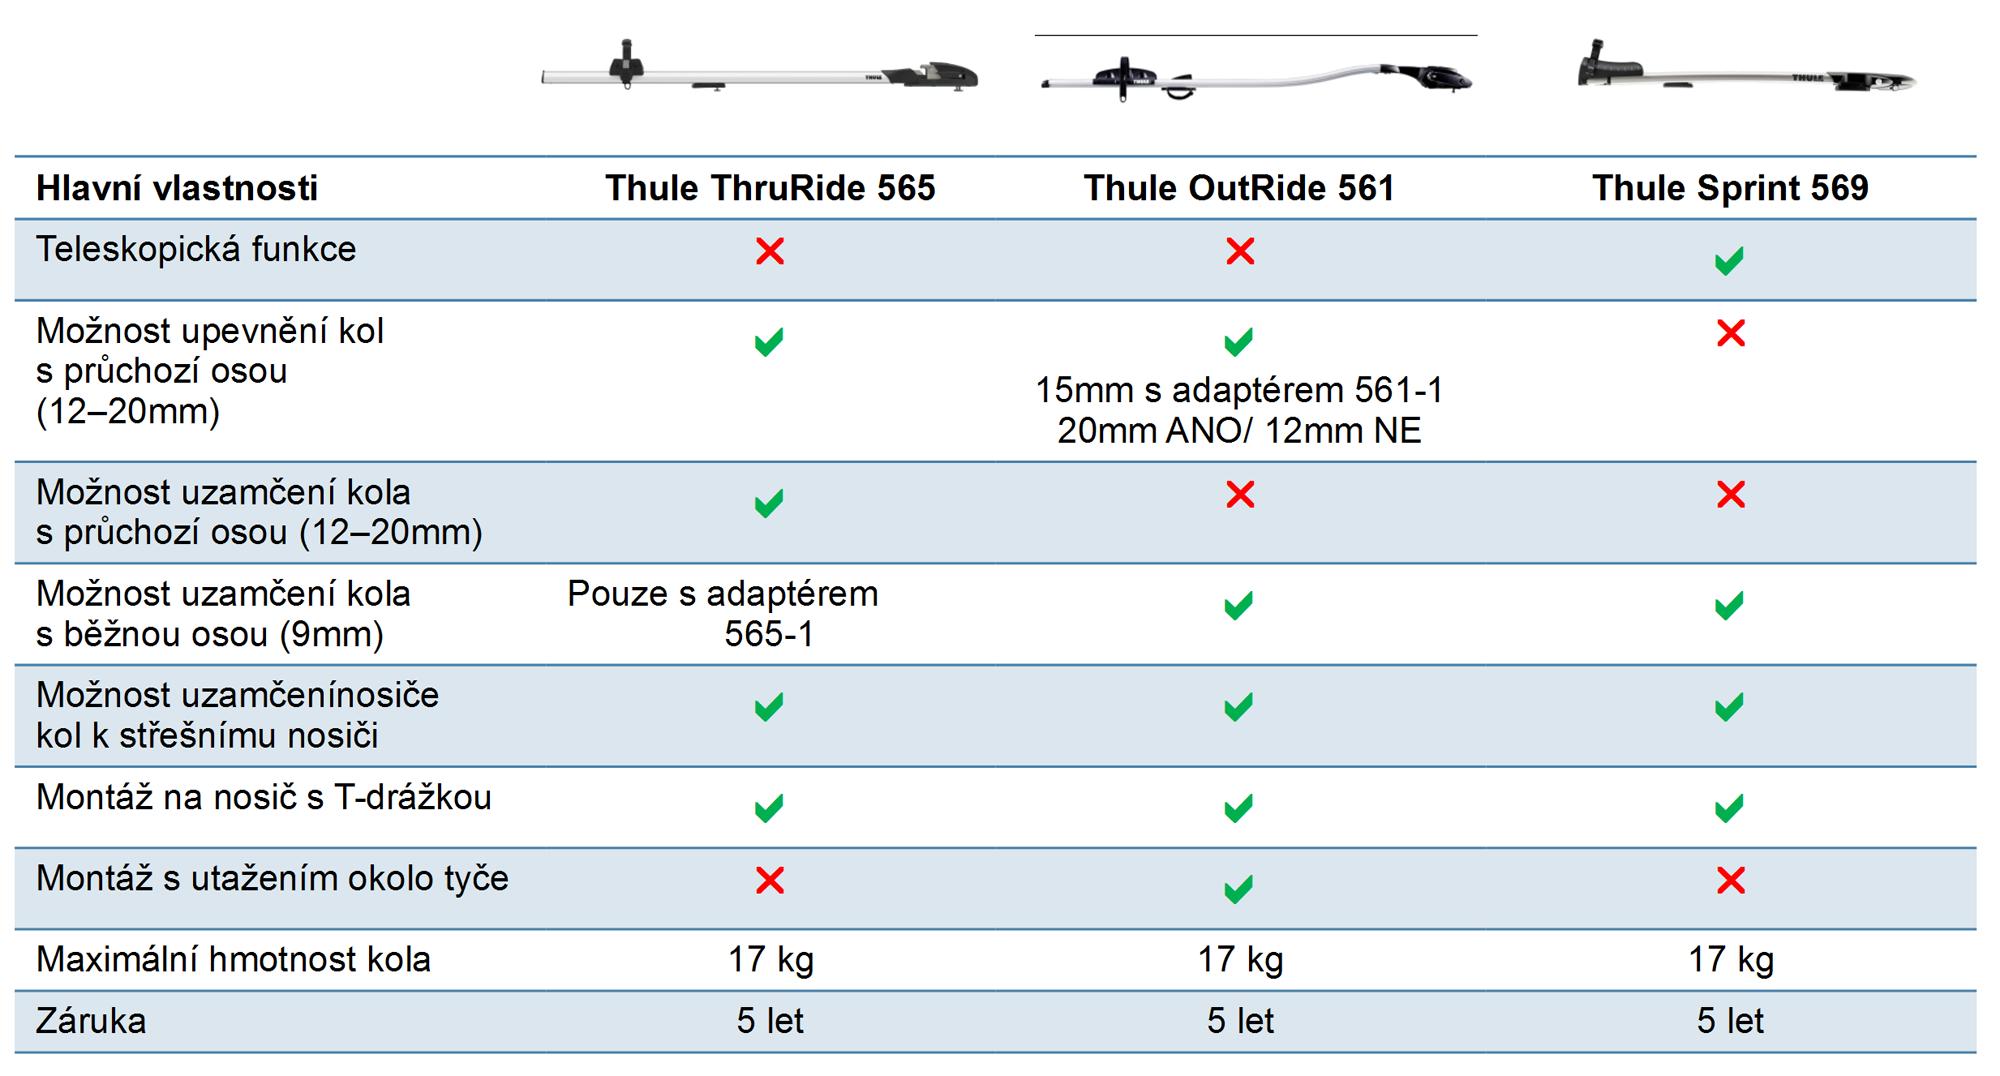 Porovnání střešních nosičů kol Thule ThruRide, OutRide a Sprint